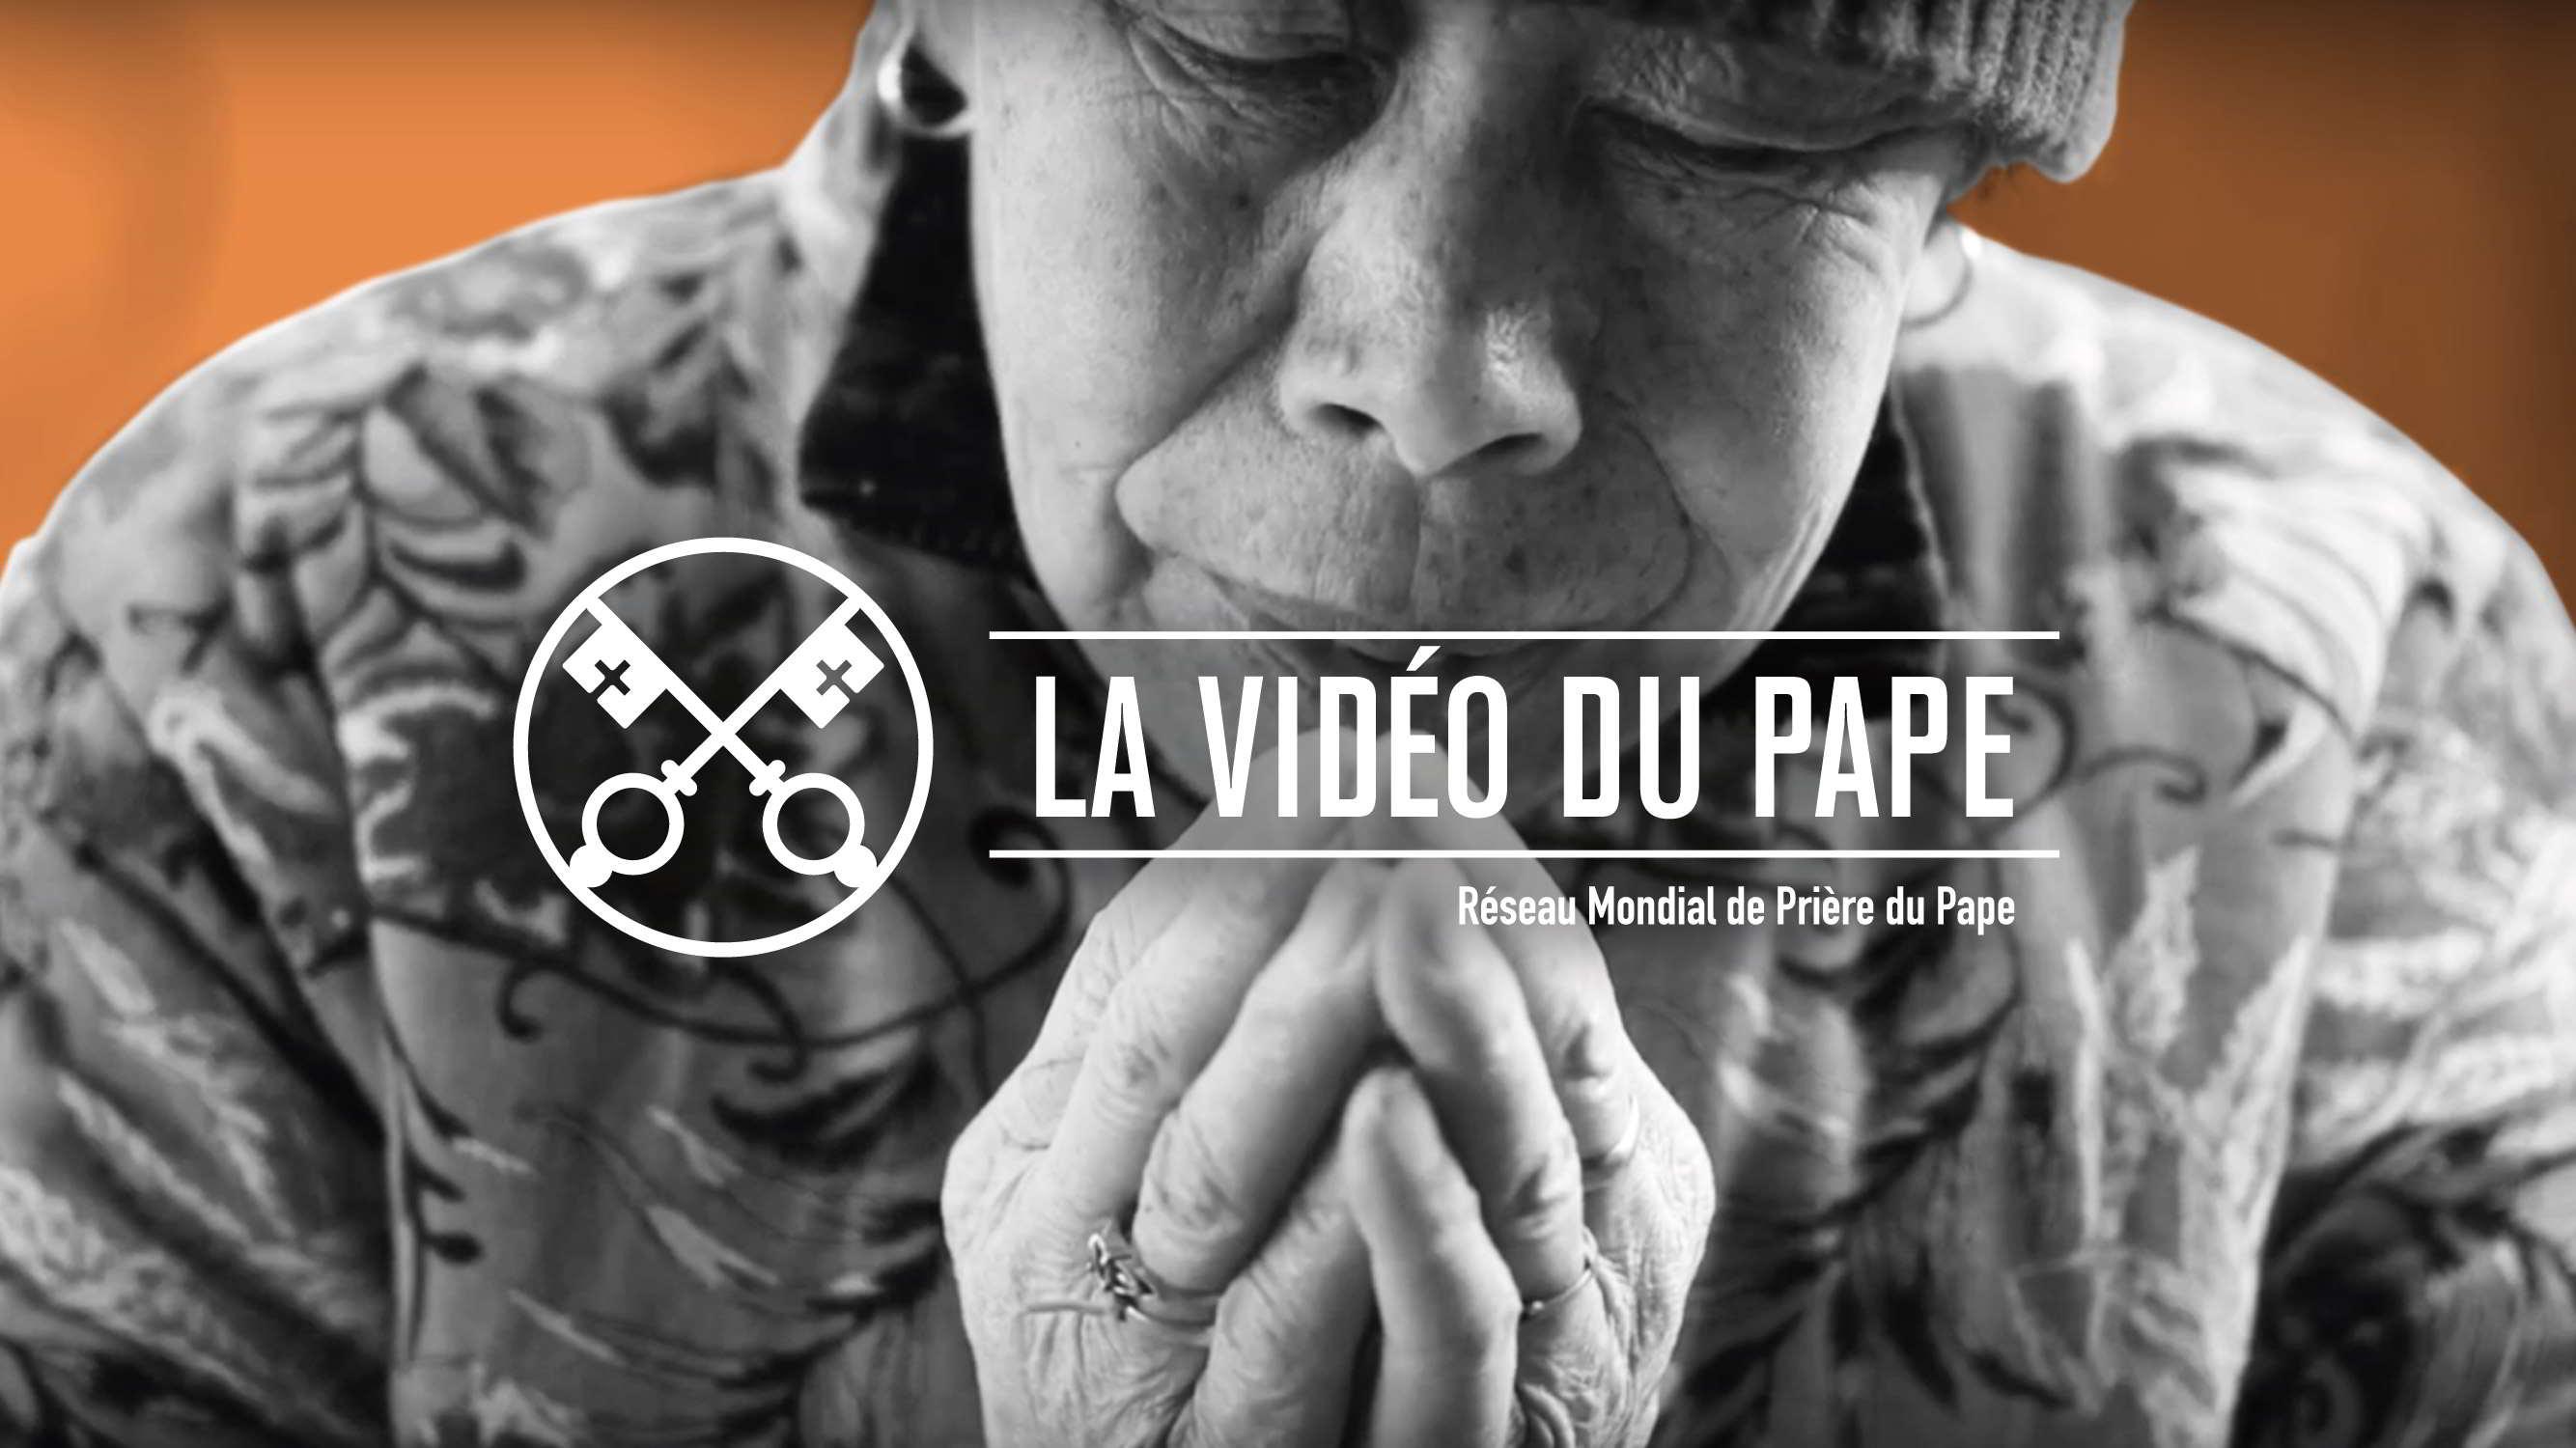 Official-Image-TPV-3-2020-FR-La-Video-du-Pape-Les-catholiques-en-Chine